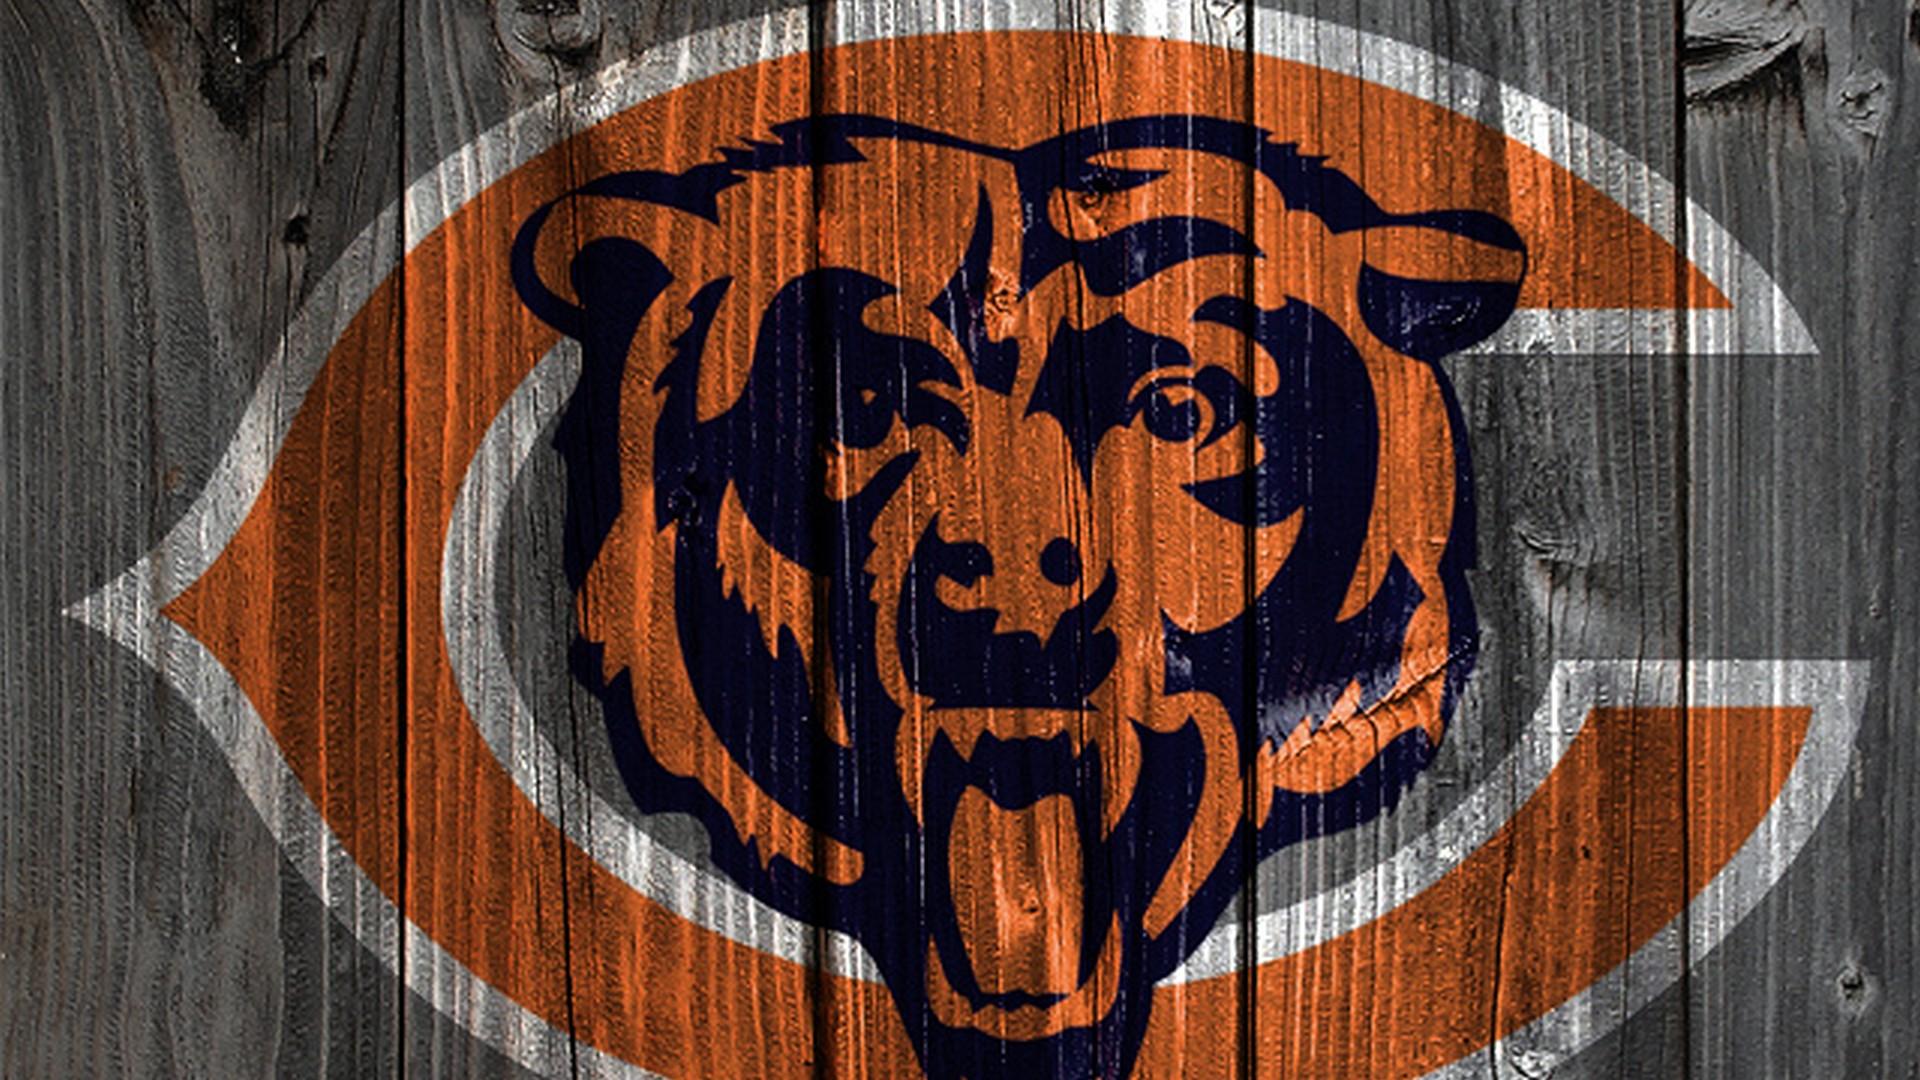 Wallpaper Desktop Chicago Bears HD   2021 NFL Football Wallpapers 1920x1080